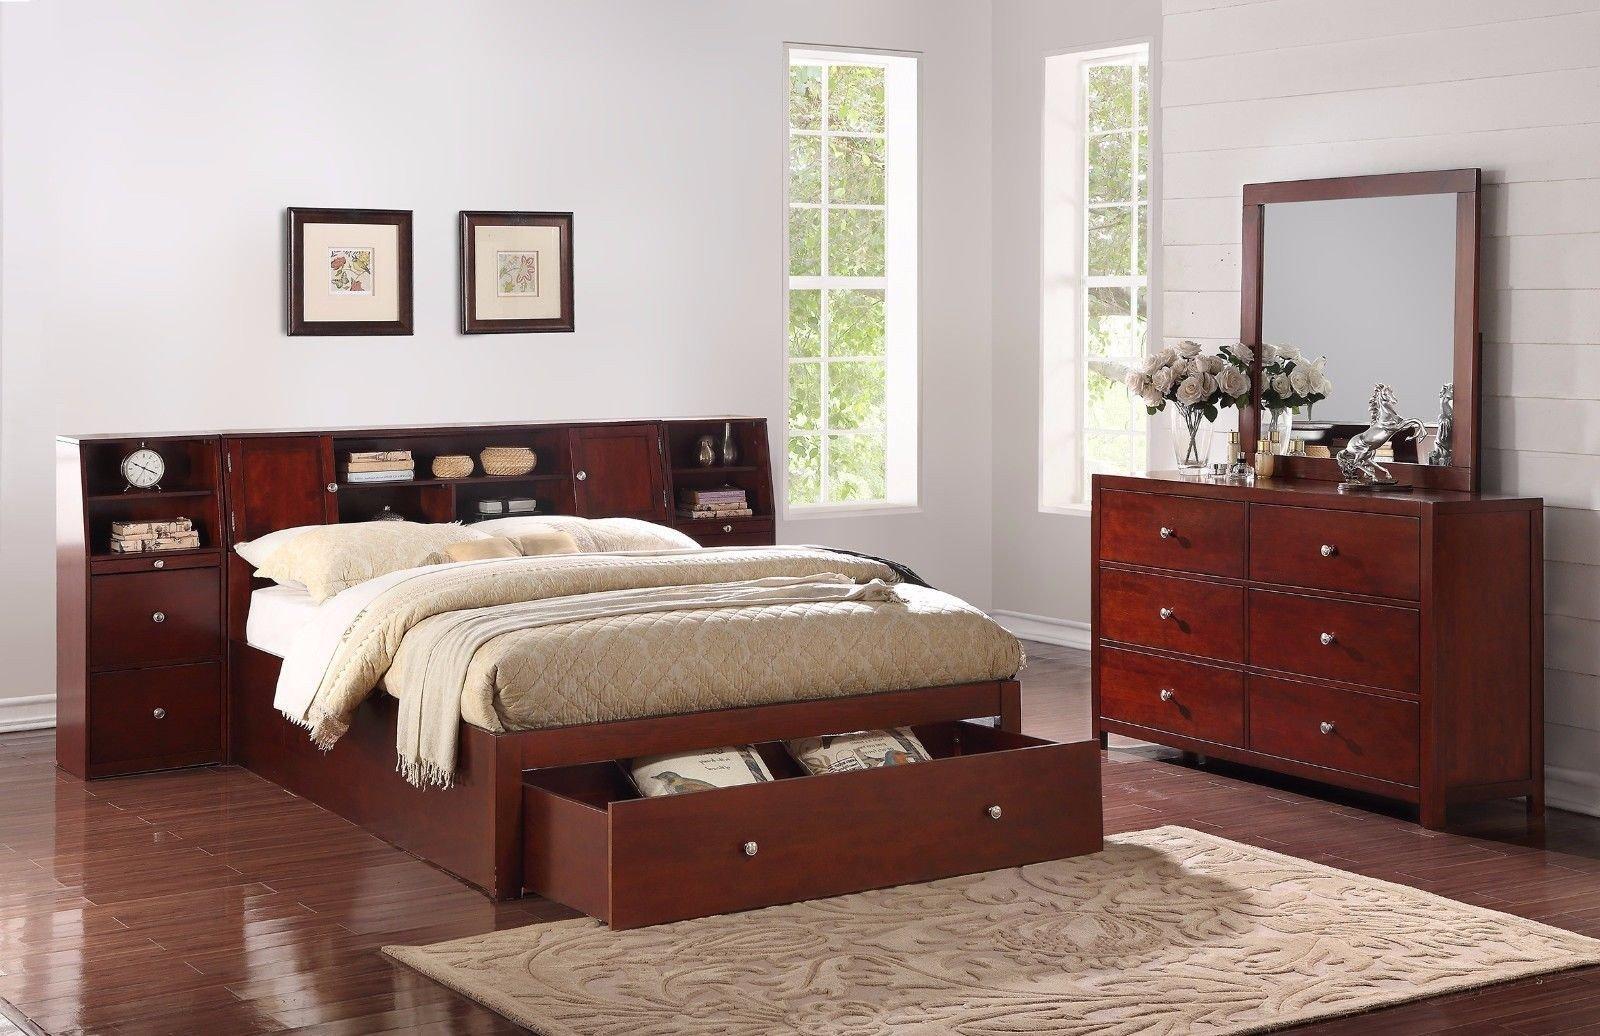 Mirrored Bedroom Furniture Set Beautiful Bedroom 4pc Set Queen Bed W Storage Drawer Shelf Nightstand